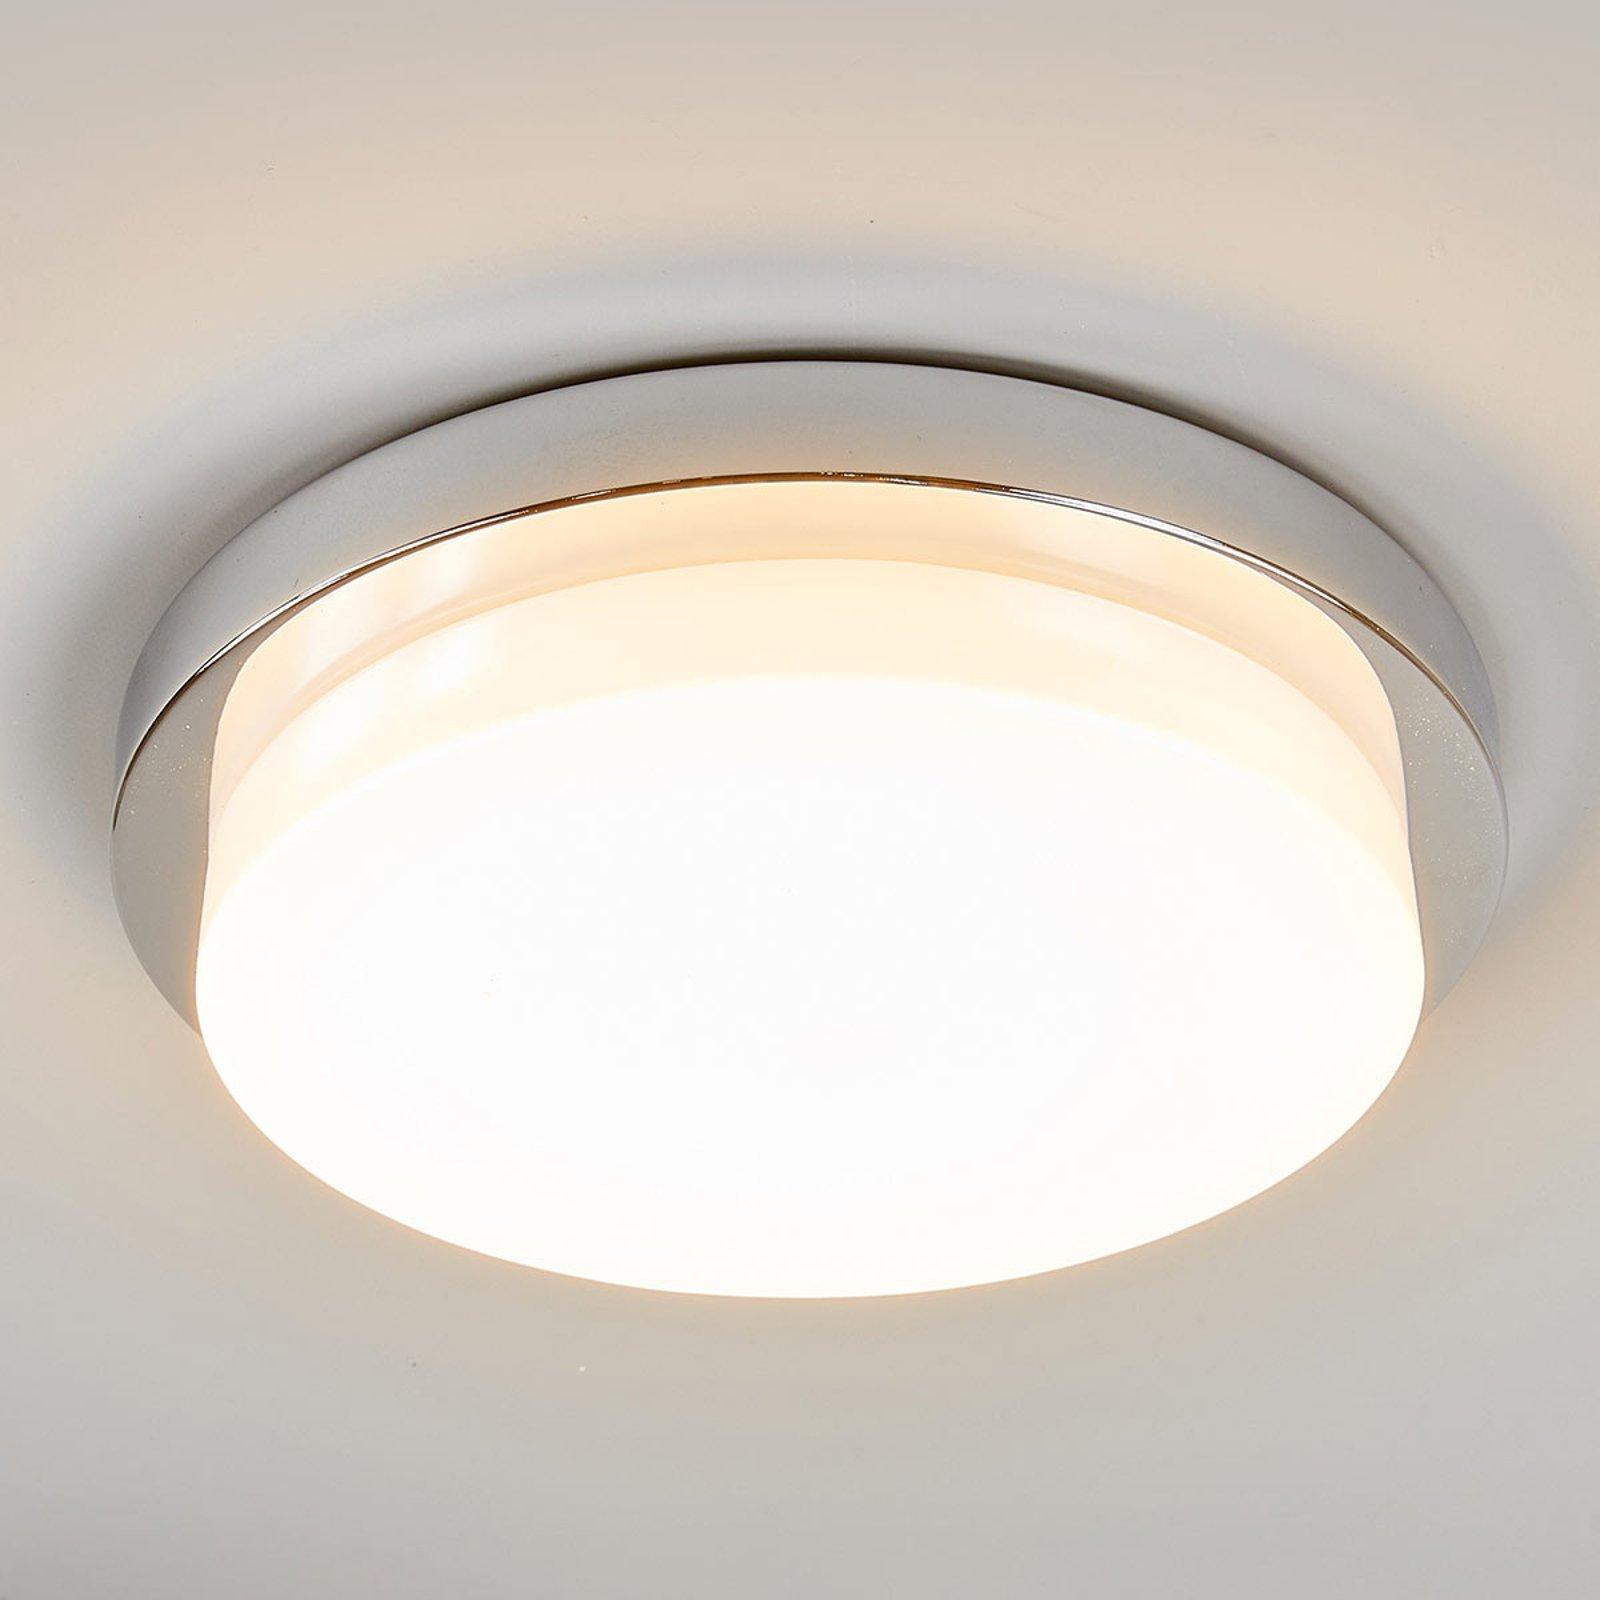 LED-taklampe i blank krom Cordula, IP44